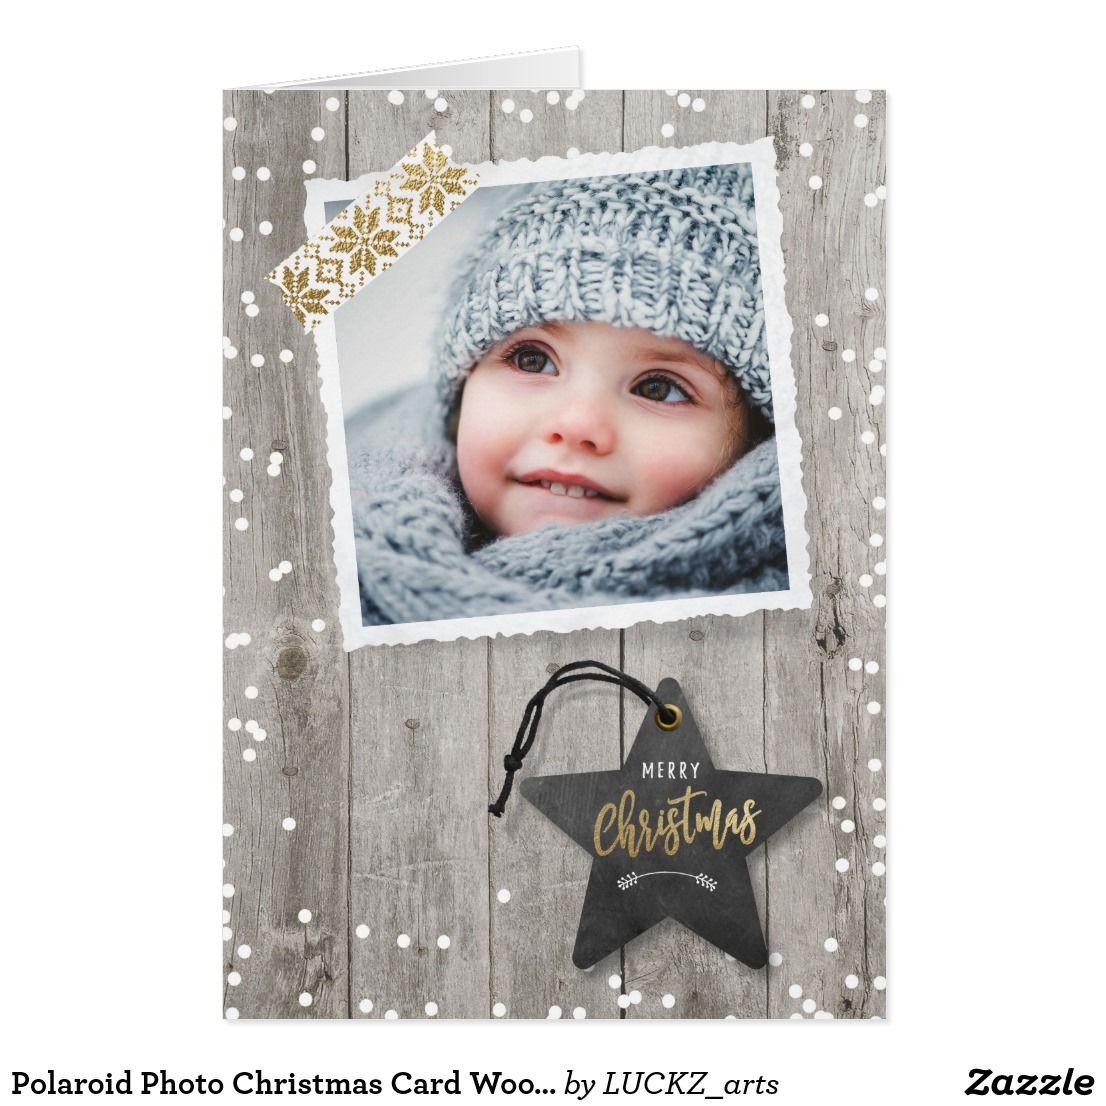 Polaroid Photo Christmas Card Wood Snow